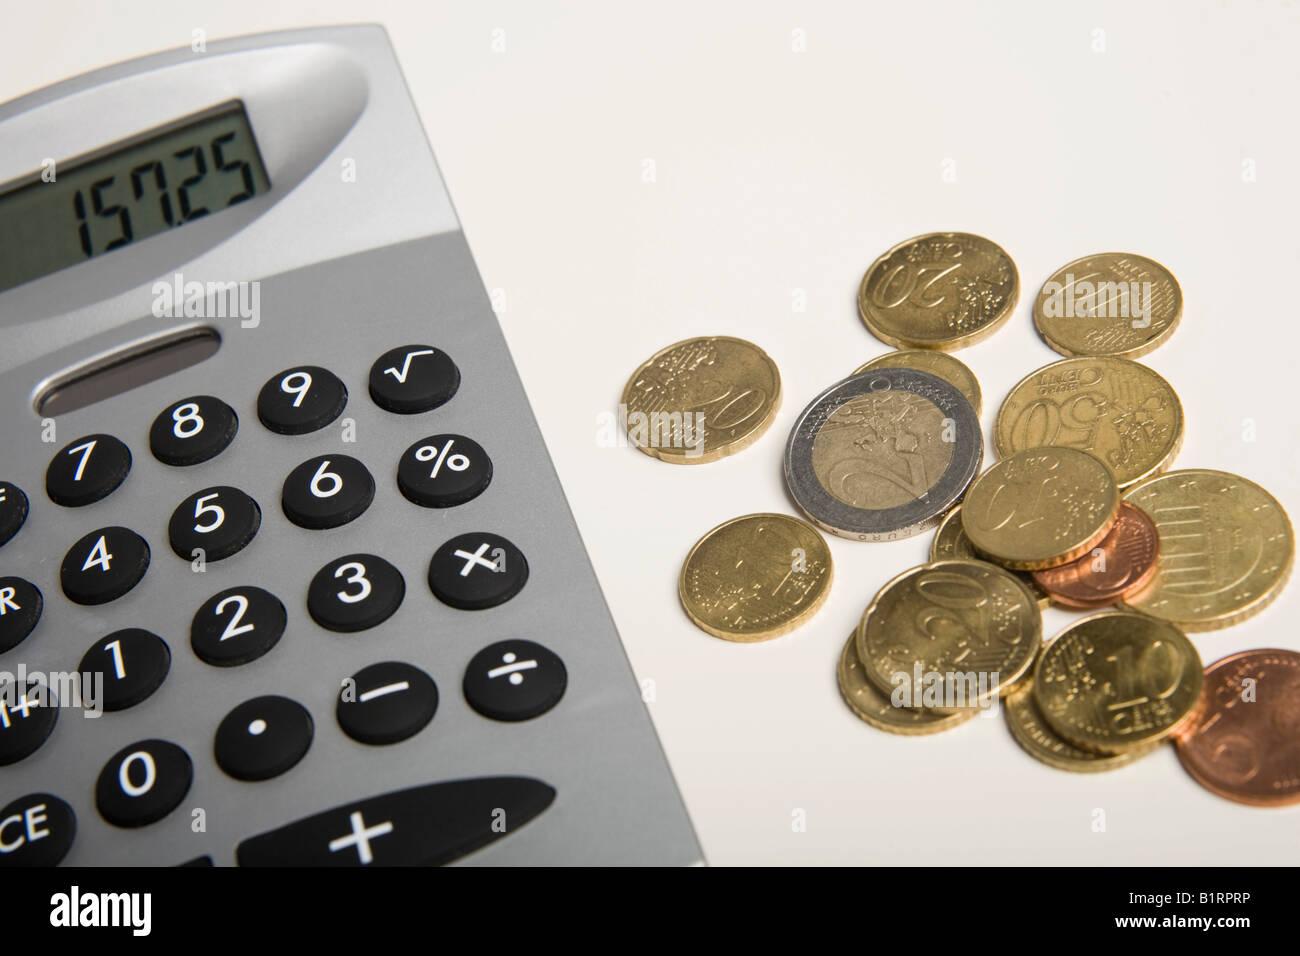 Euro coins next to a calculator - Stock Image